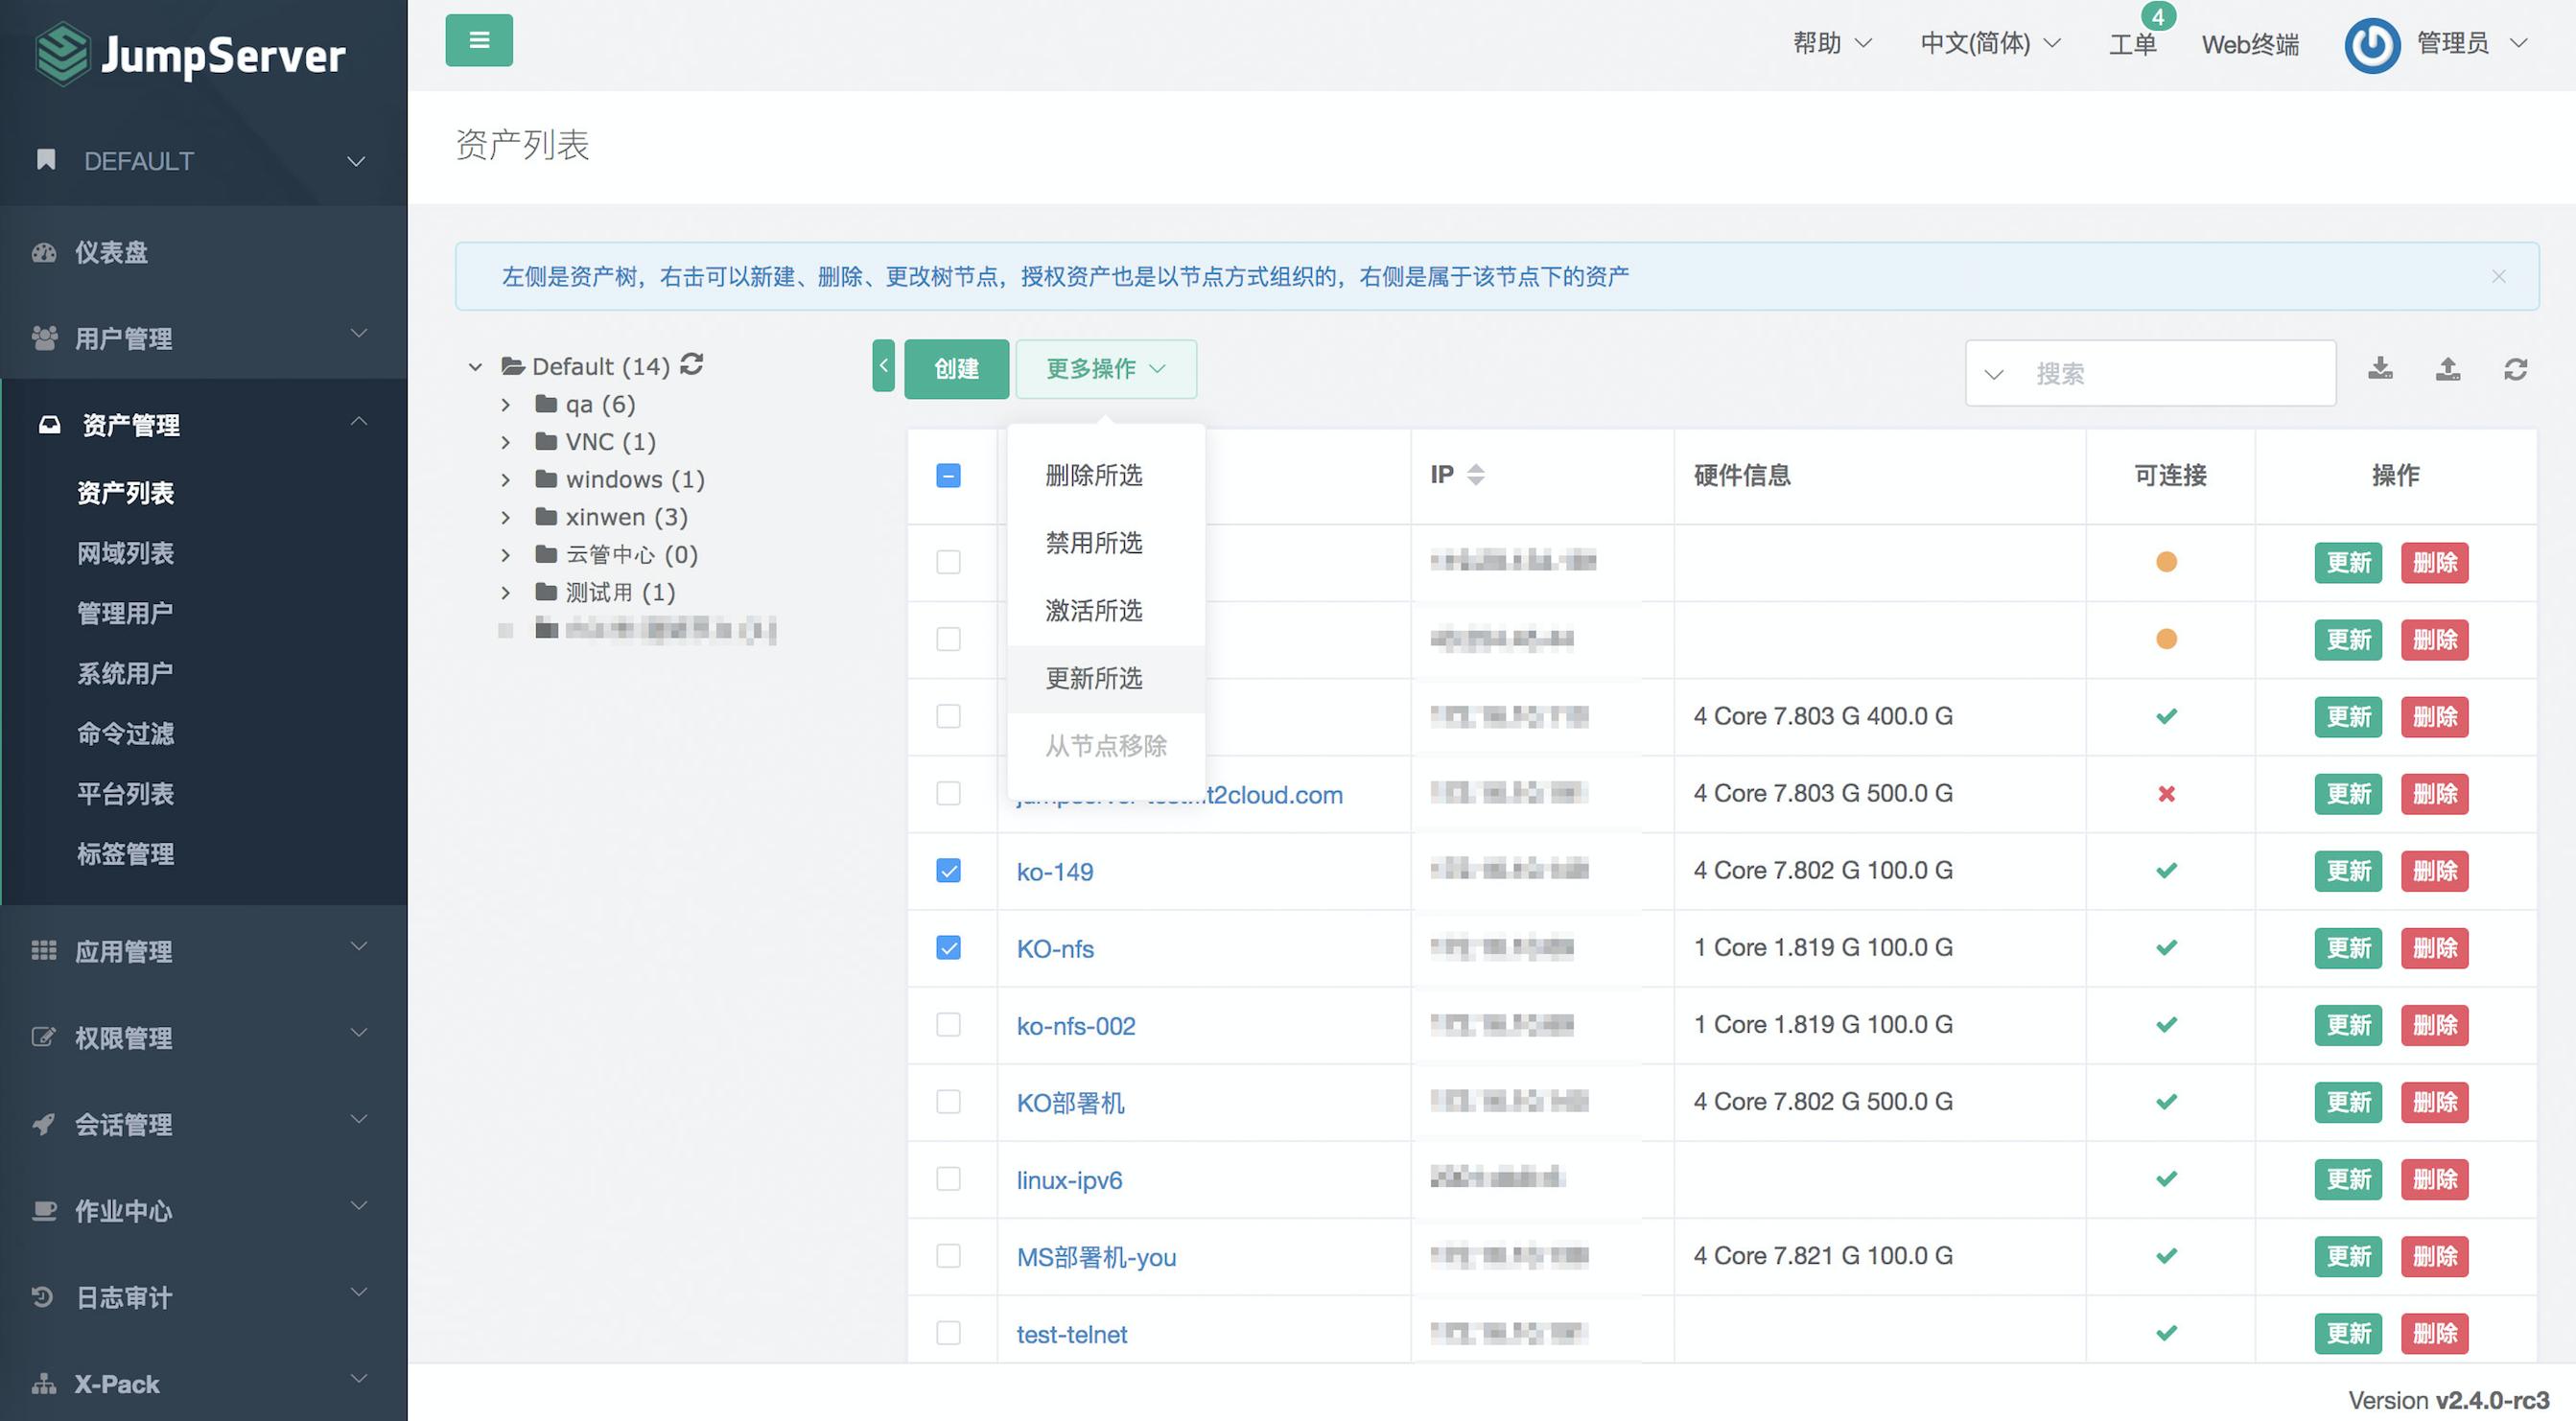 资产树重大优化,JumpServer v2.4.0发布